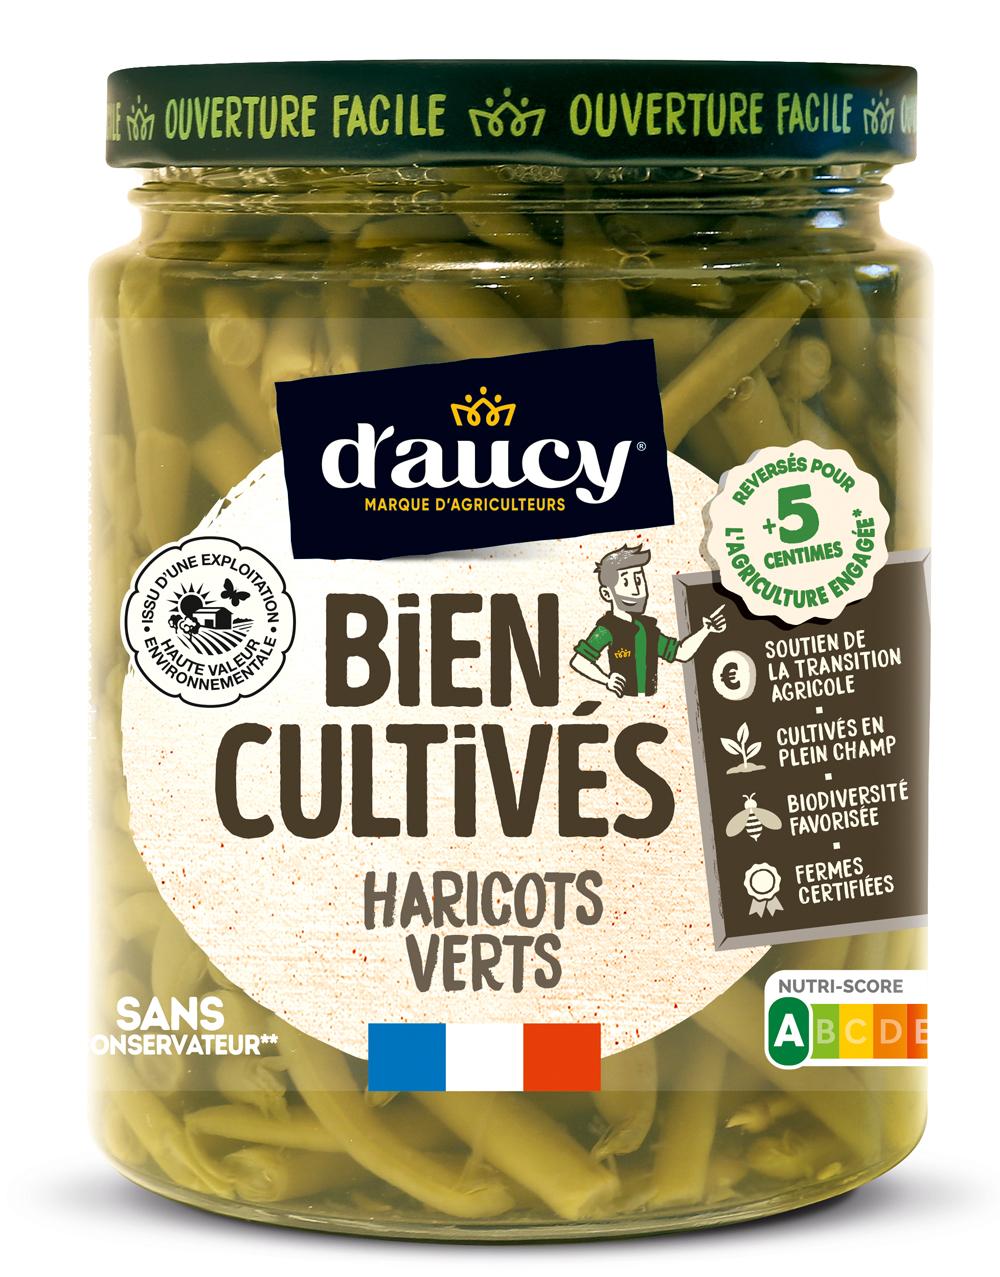 daucy05 - « Bien Cultivés » de d'aucy, la nouvelle gamme de légumes issus d'exploitations certifiées H.V.E.